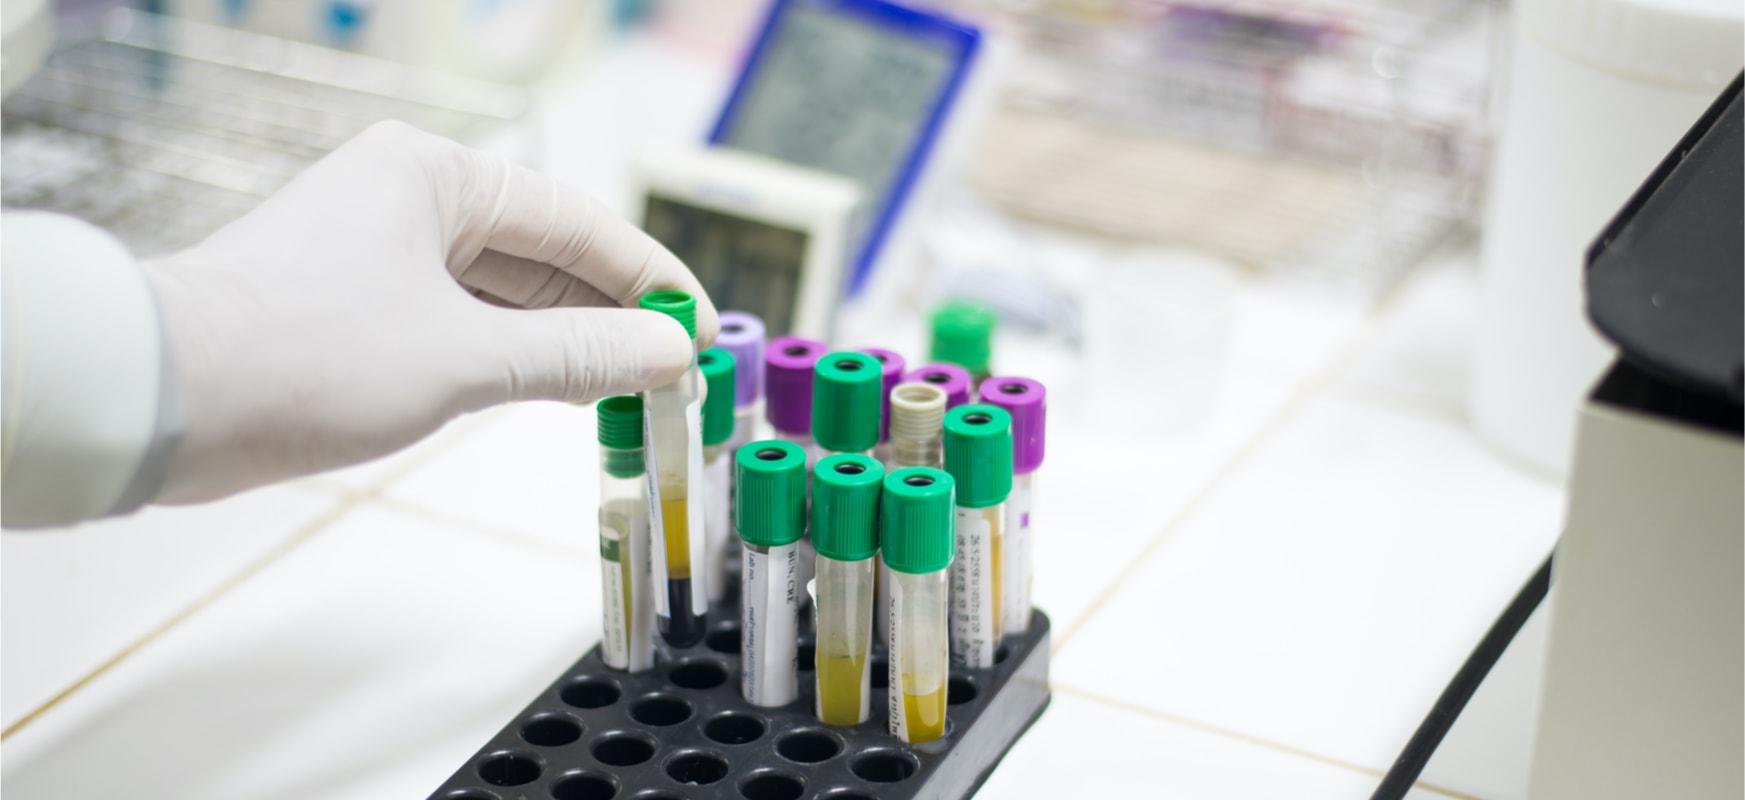 Poloniako lehen koronavirusen biktima.  Medikuek diote kutsatu gehiago daudela